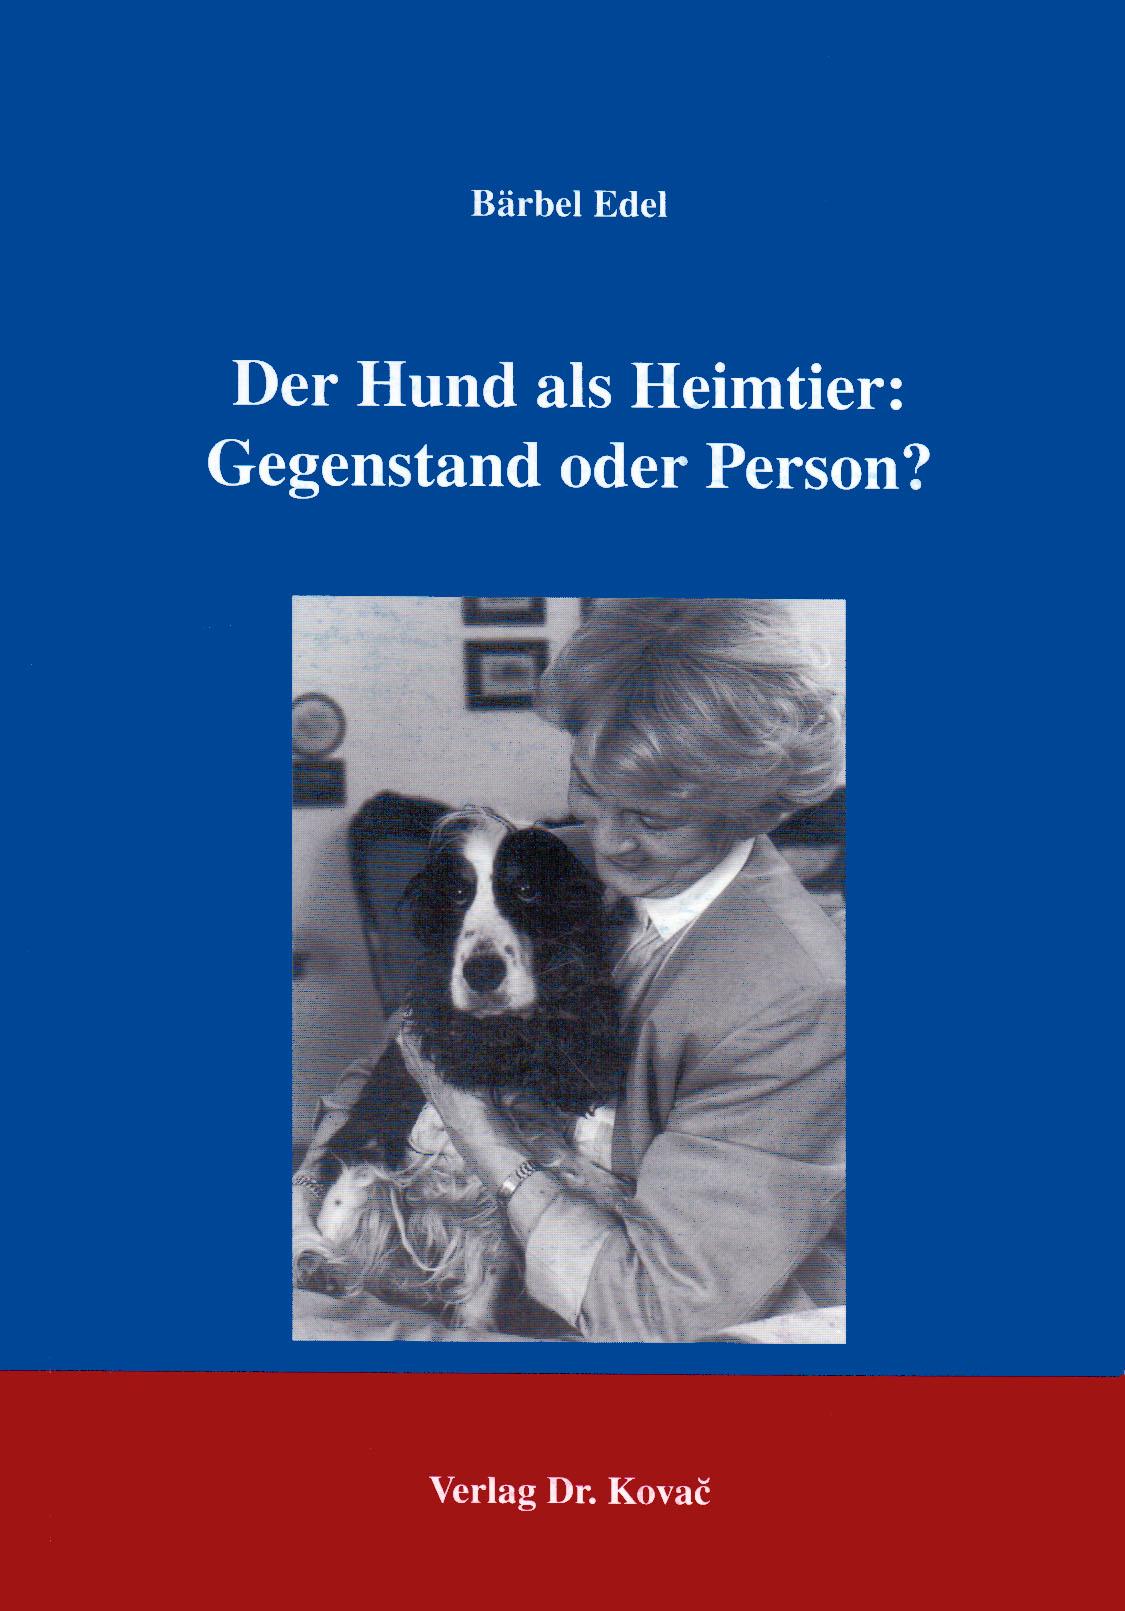 Cover: Der Hund als Heimtier: Gegenstand oder Person?